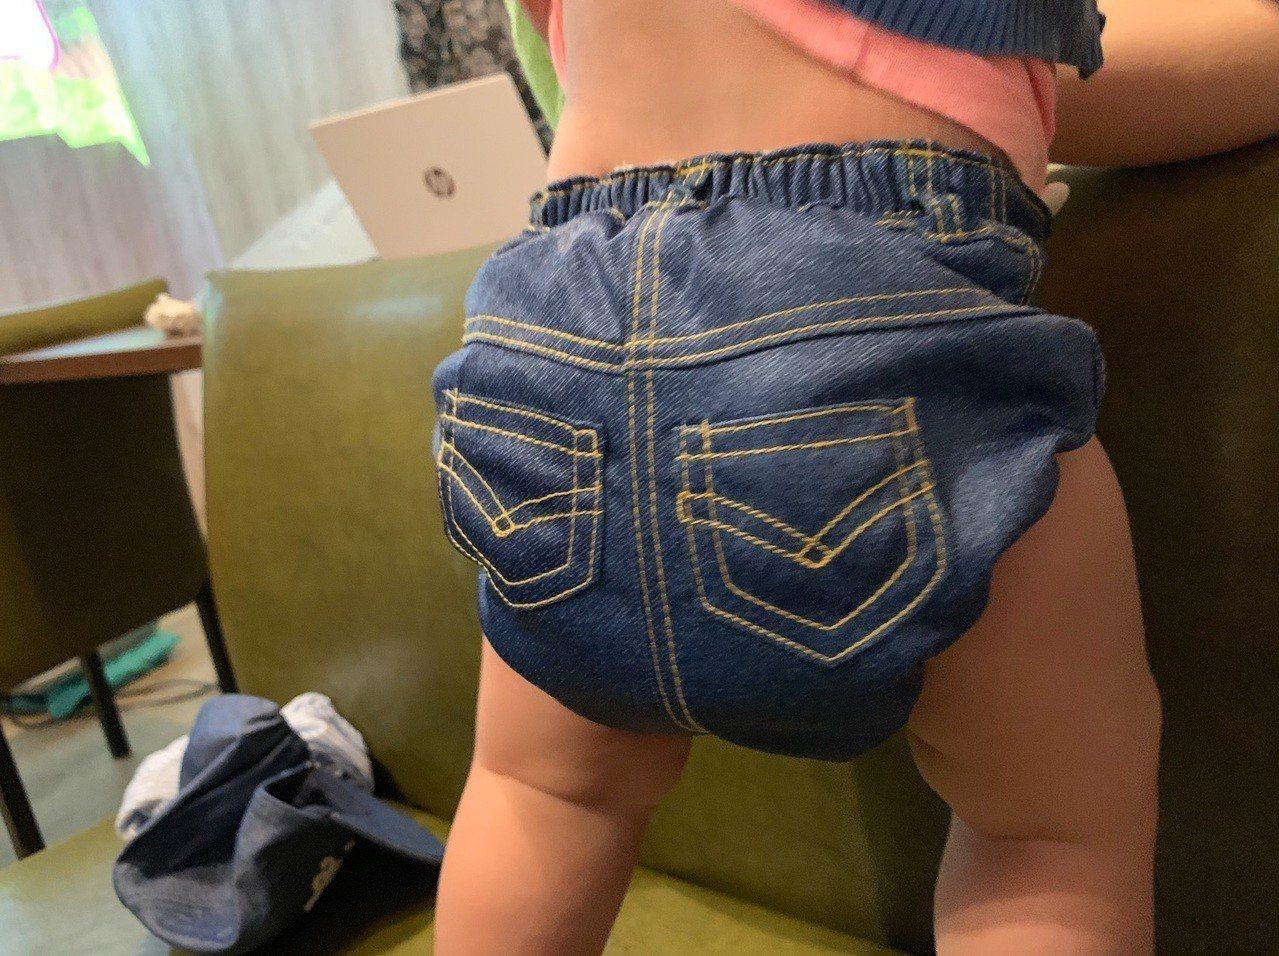 現代布尿布外觀、造型更具設計感,寶寶穿起來相當舒適。記者黃昭勇/攝影